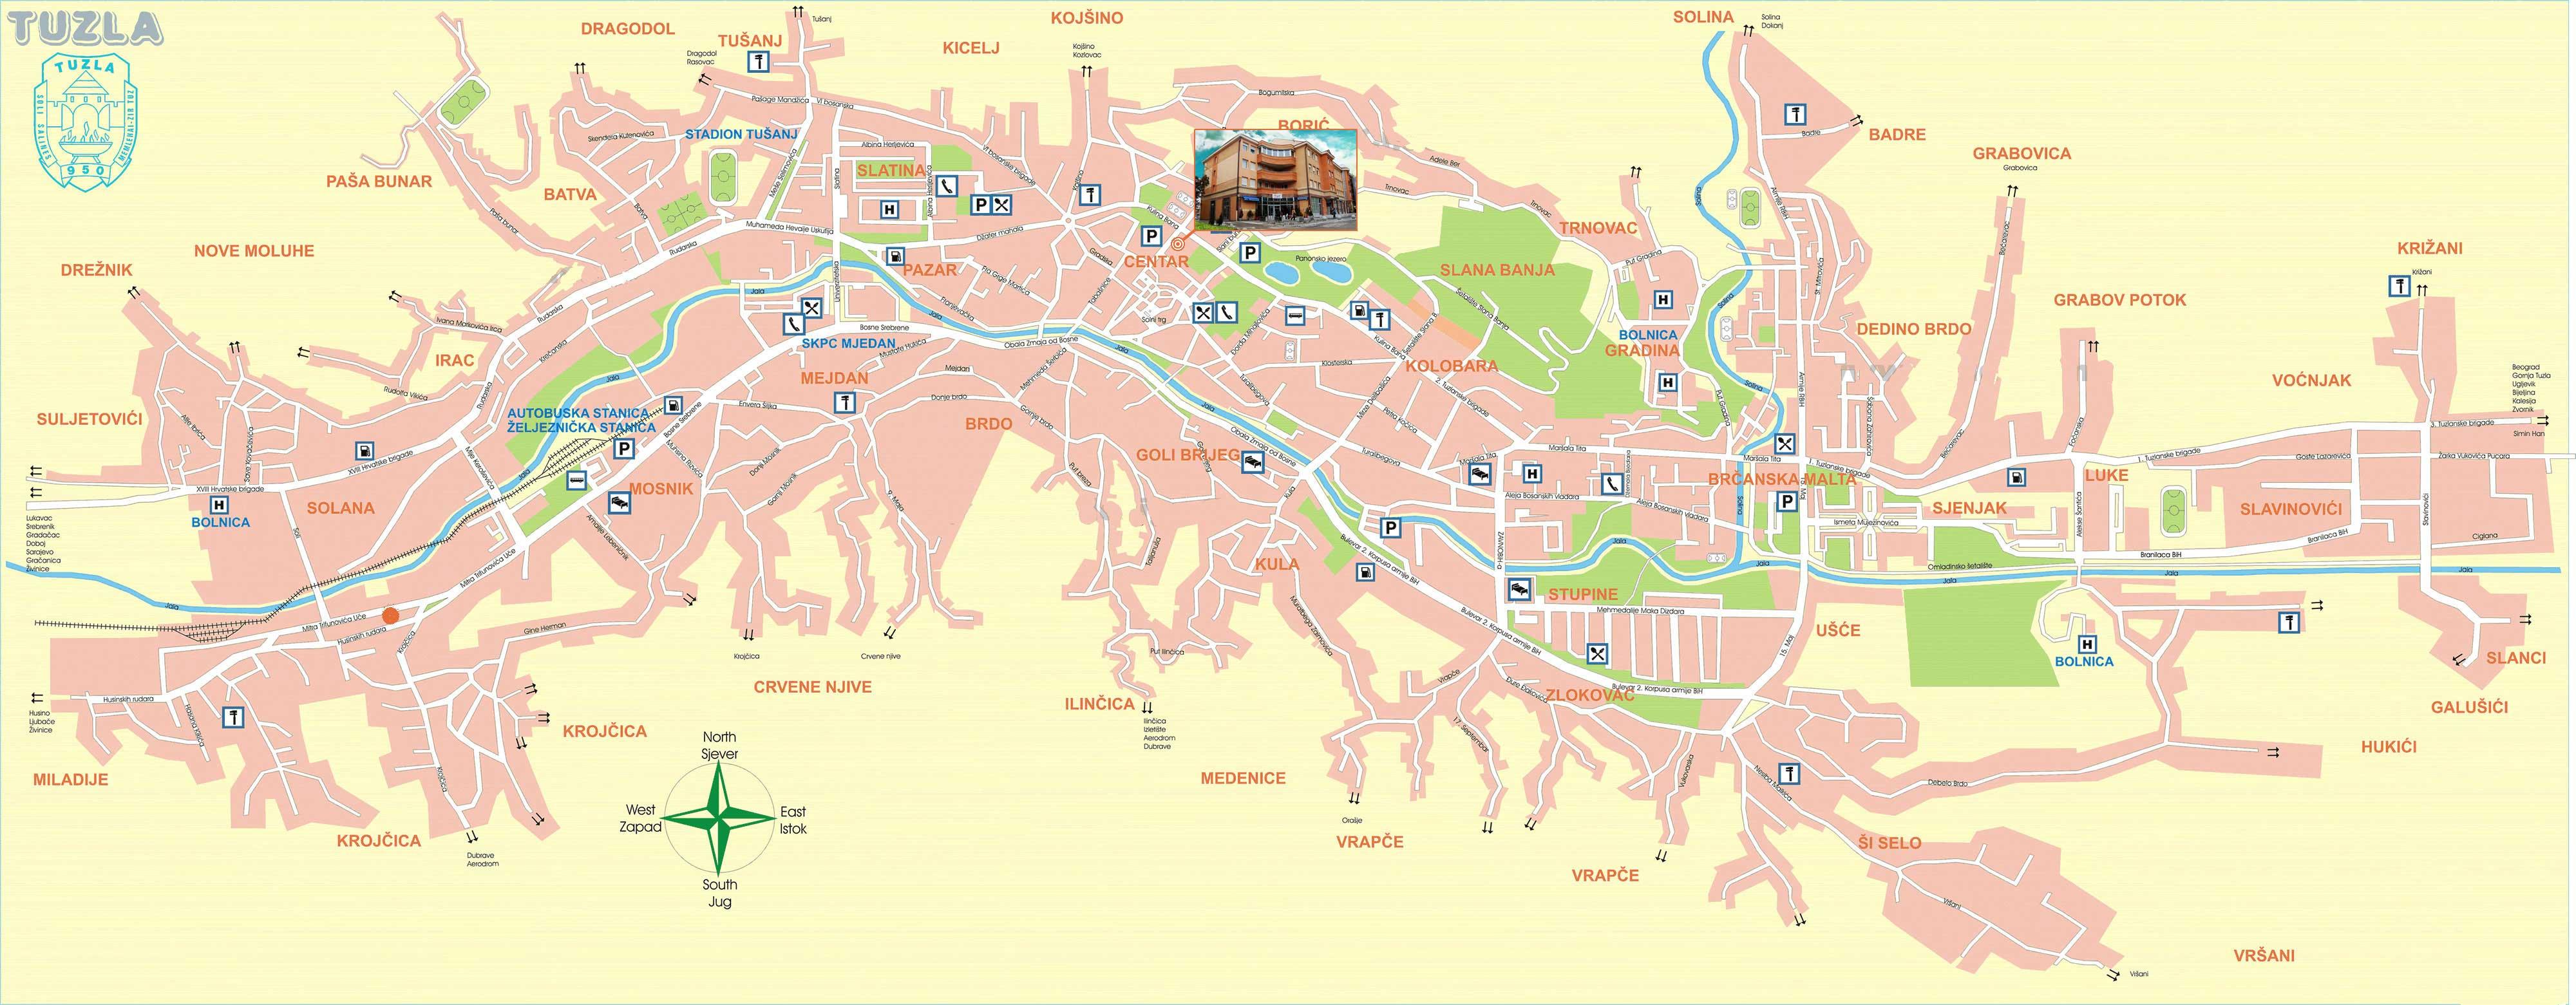 tuzla mapa ADVOKAT Alma PRNJAVORAC | Mapa Tuzle | Advokatska kancelarija tuzla mapa